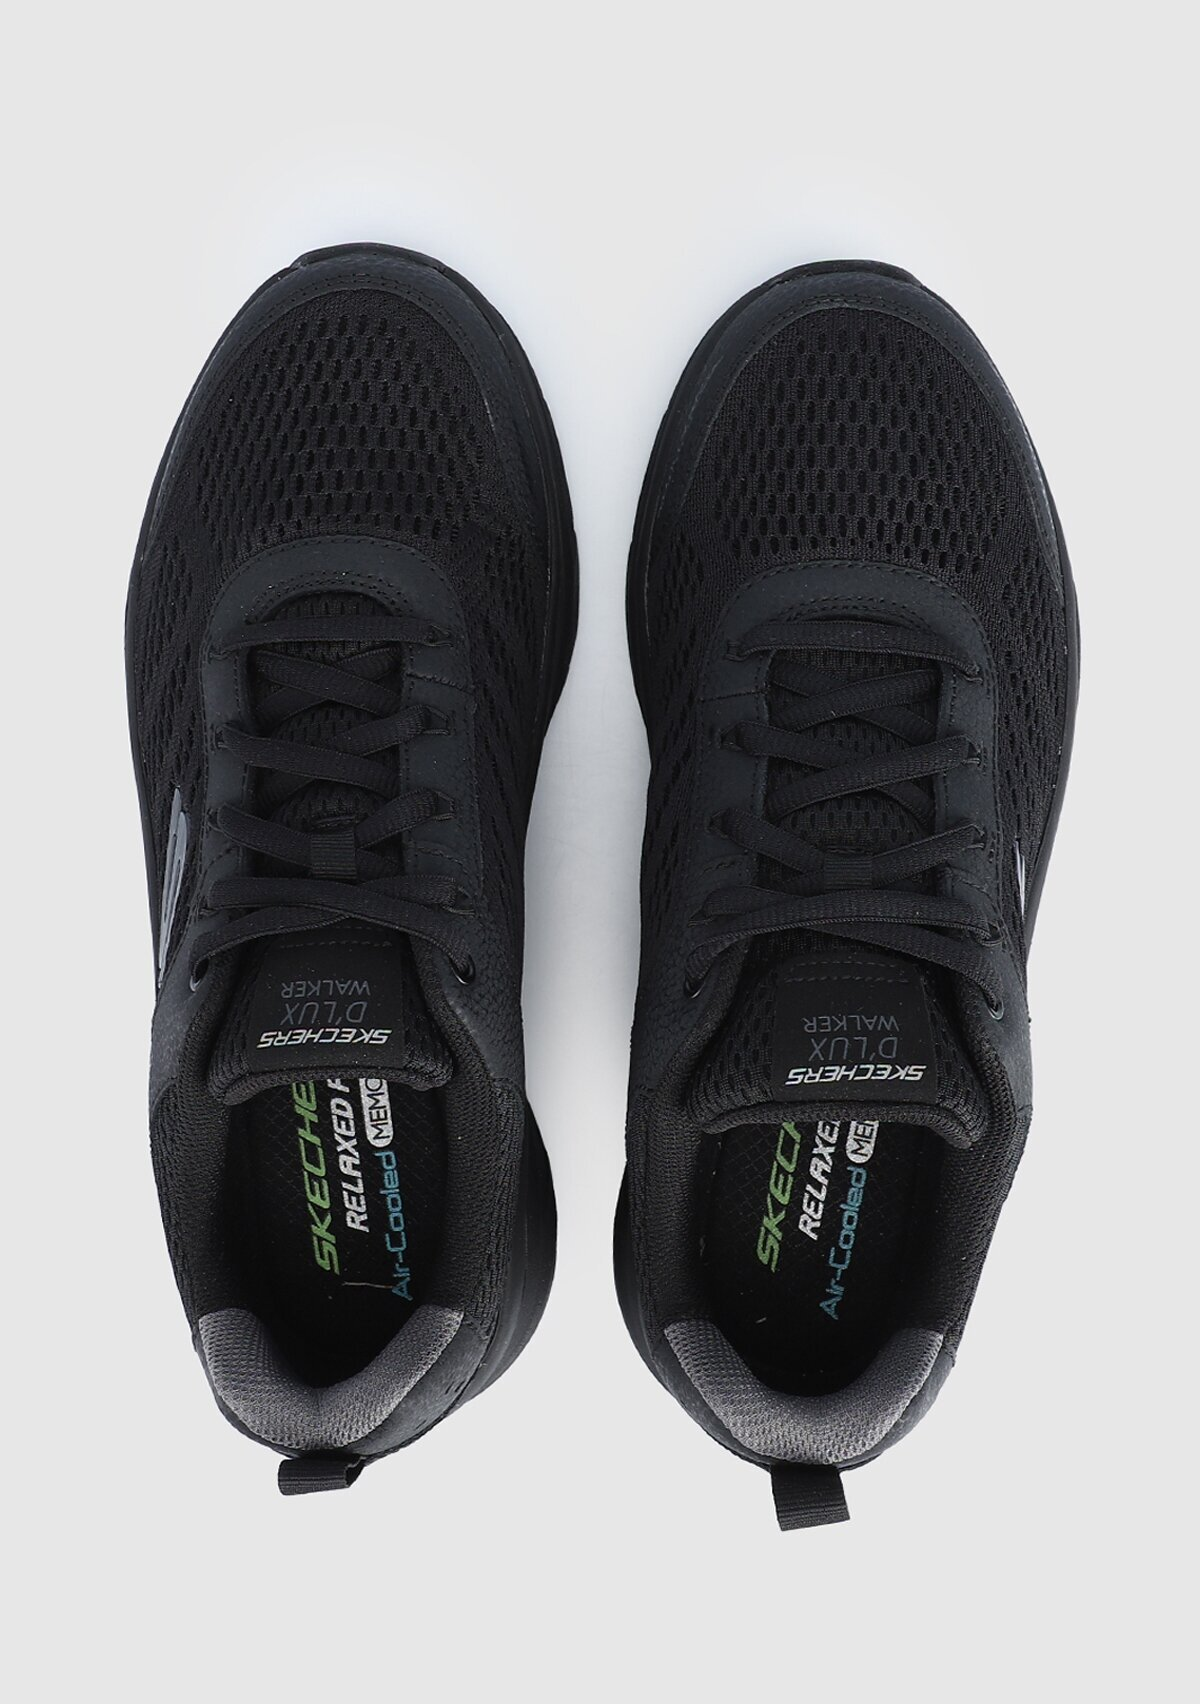 resm D'Lux Walker Siyah Erkek Sneaker 232044Bbk